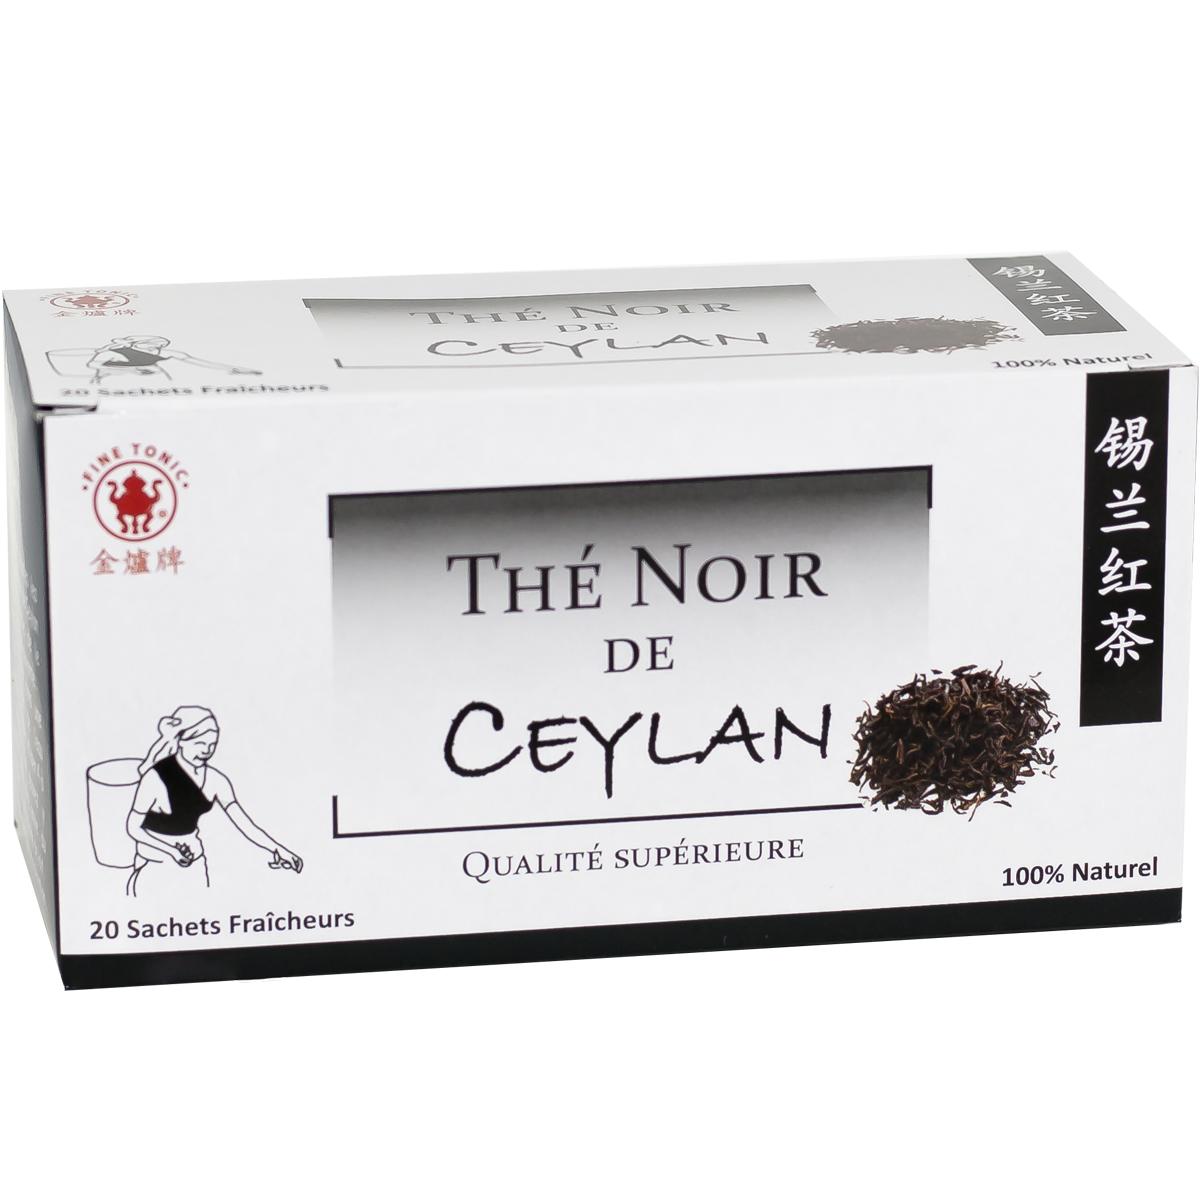 Thé noir de Ceylan - Qualité Supérieure Image